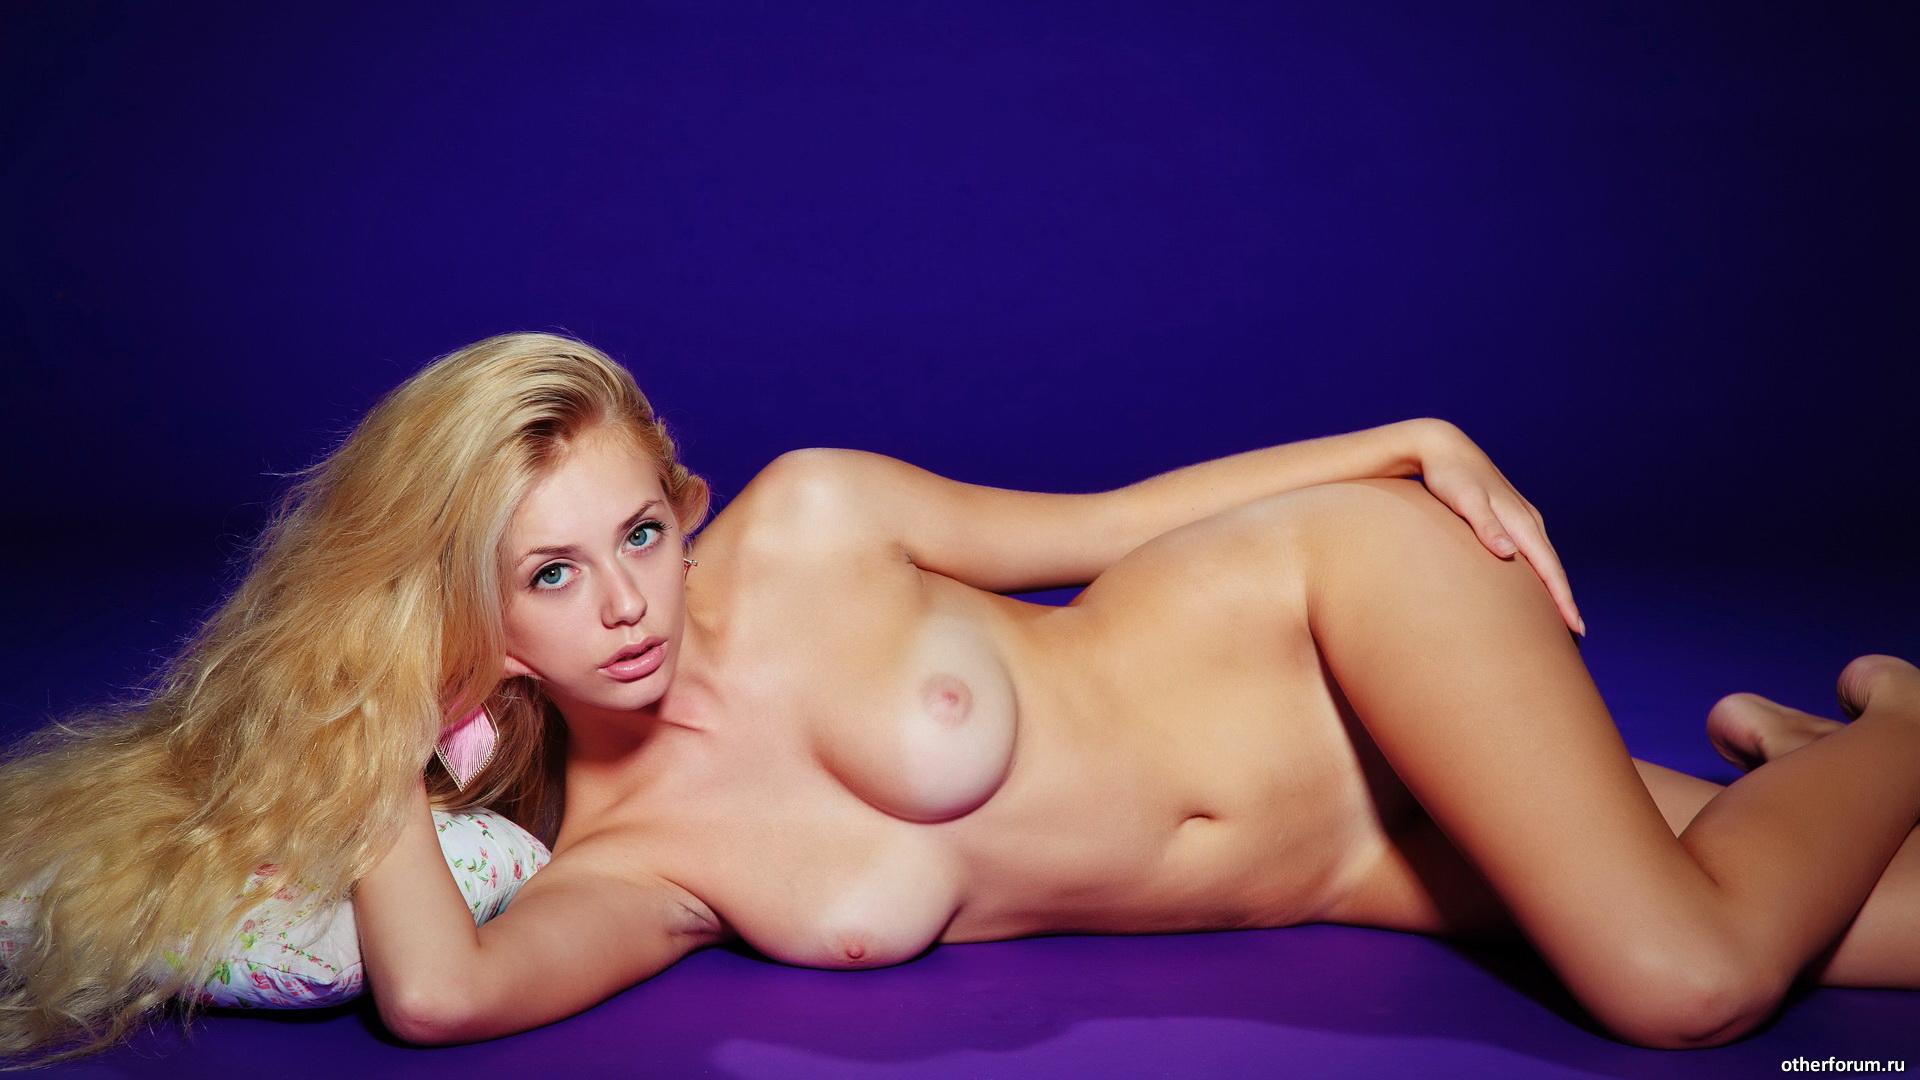 Фото тани голой, Голая Татьяна Котова в Maxim и Playboy 2 фотография